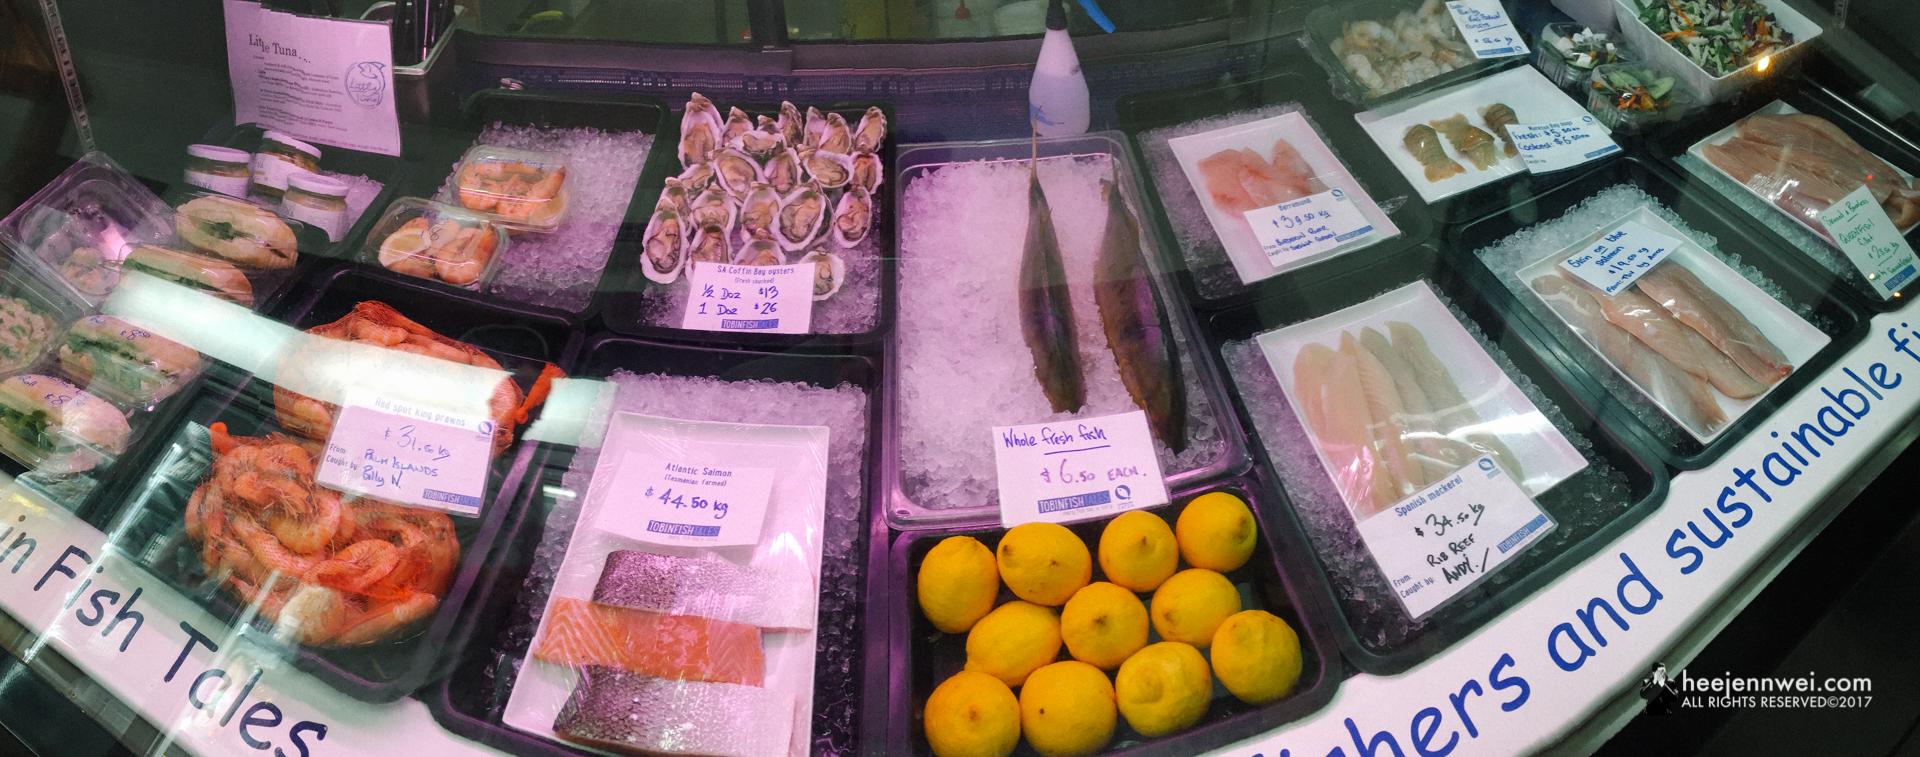 Tobin Fish Tales. (iPhone photo)